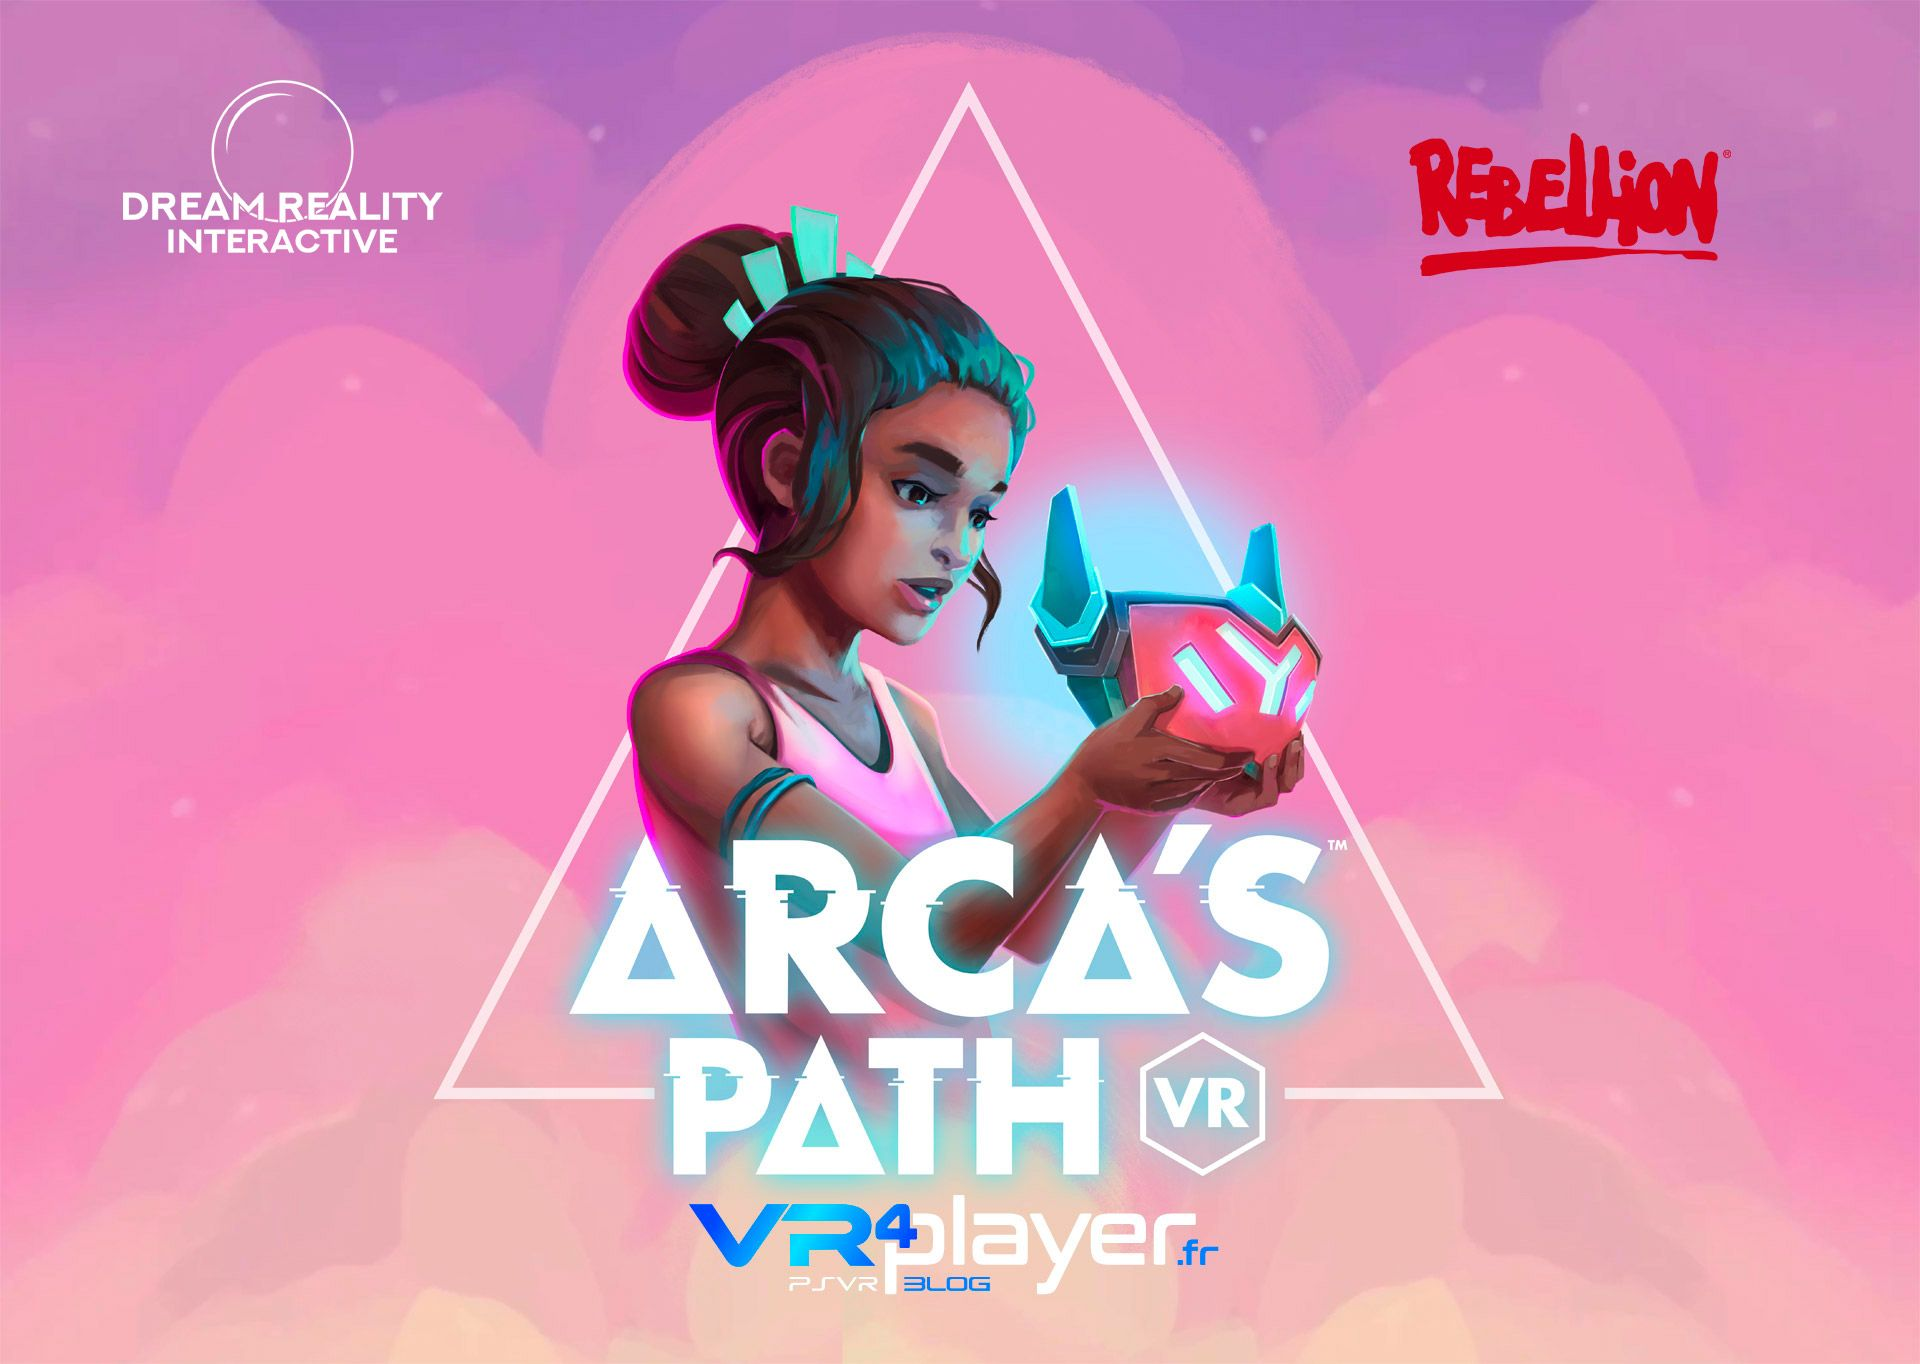 PlayStation VR Arca's Path VR daté sur toutes les